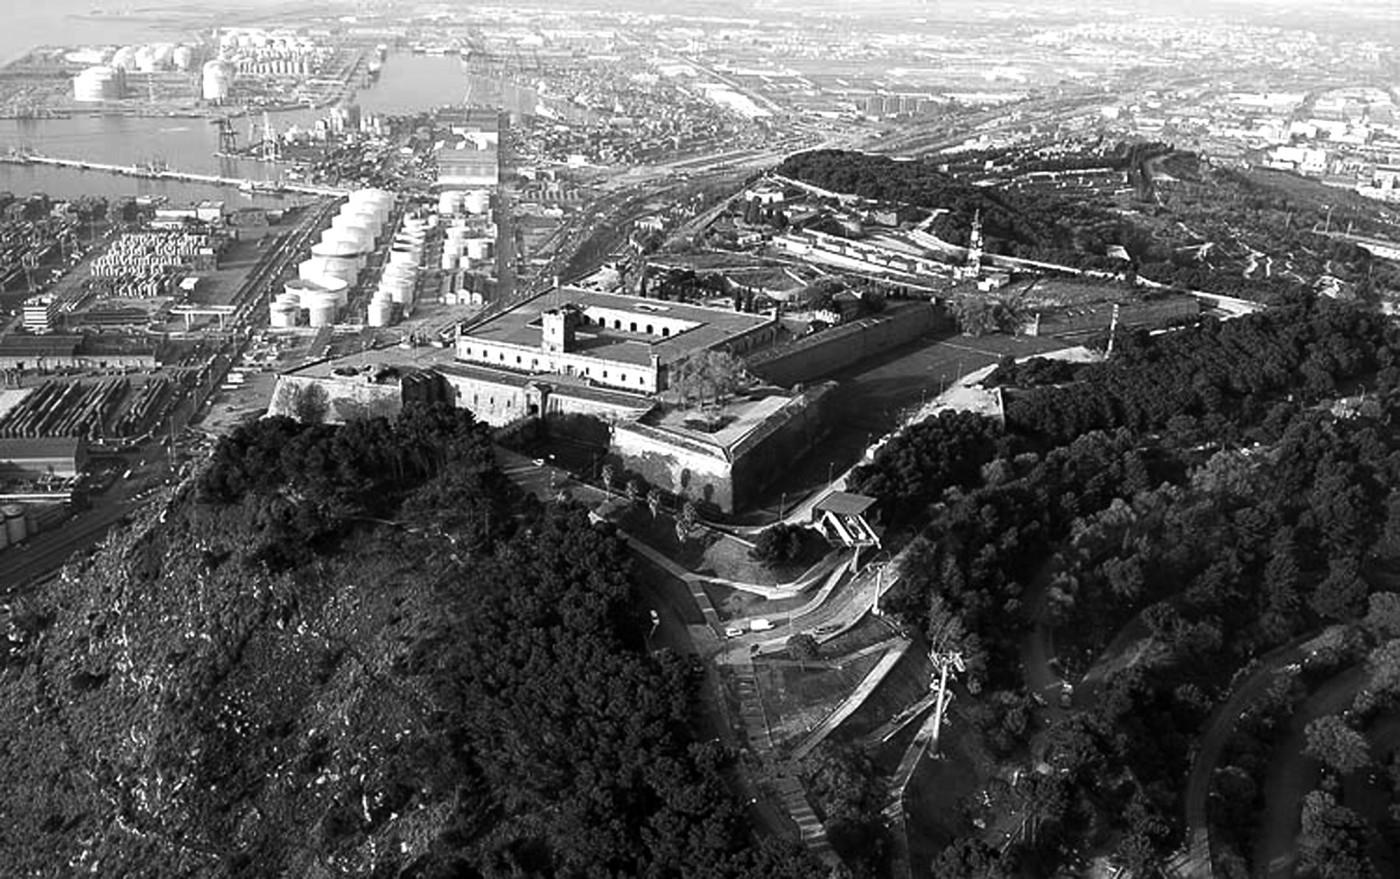 Castell de Montjuic